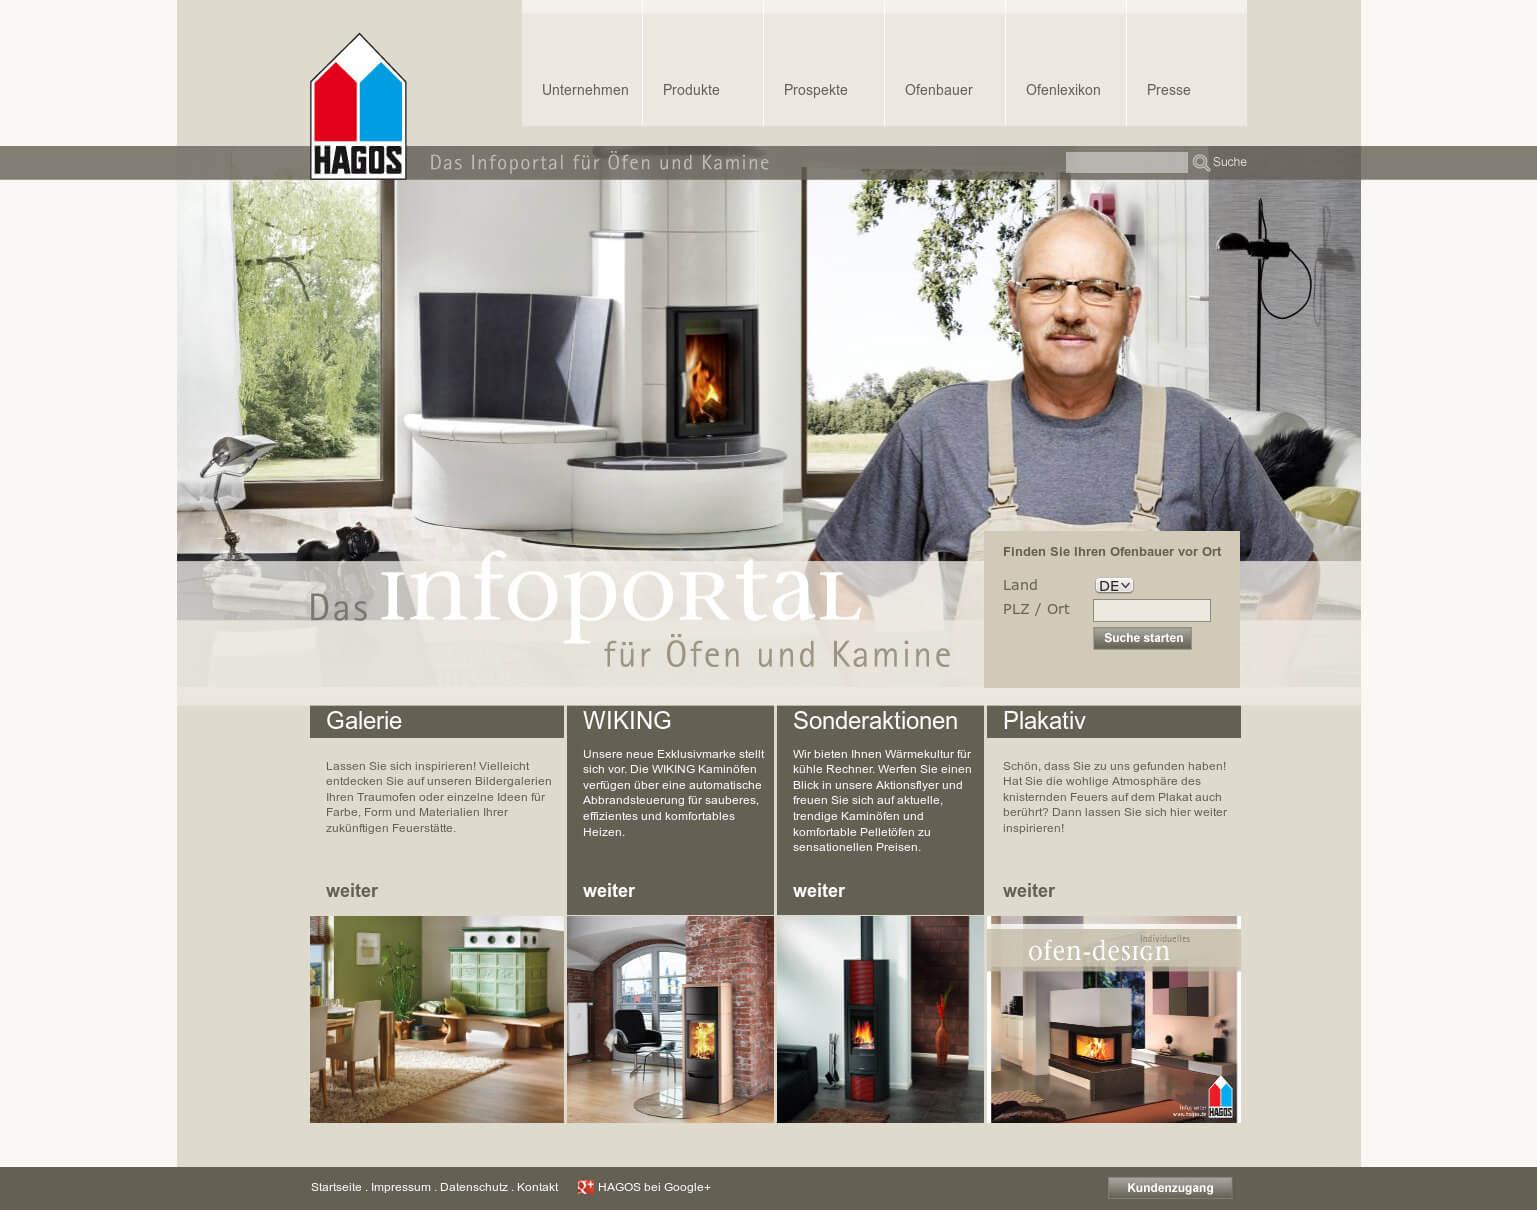 Referenzprojekt: HAGOS